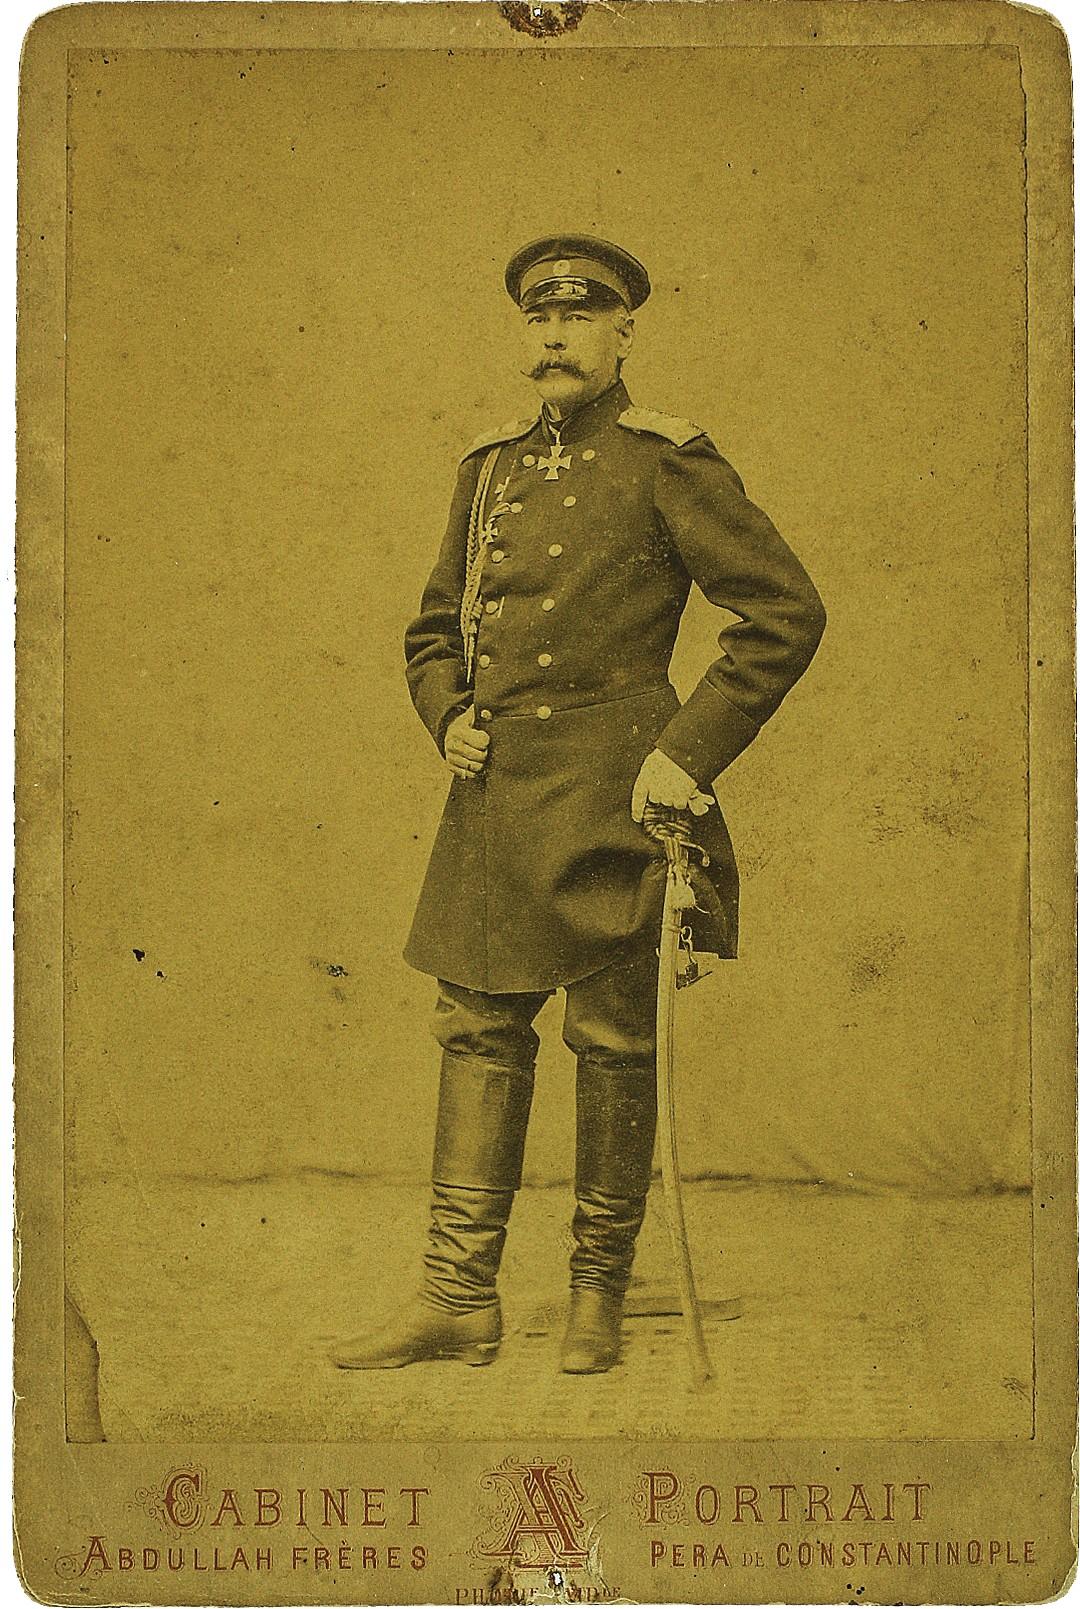 Фото генерал-адъютанта, инженер-генерала Тотлебена Эдуарда Ивановича. 1878